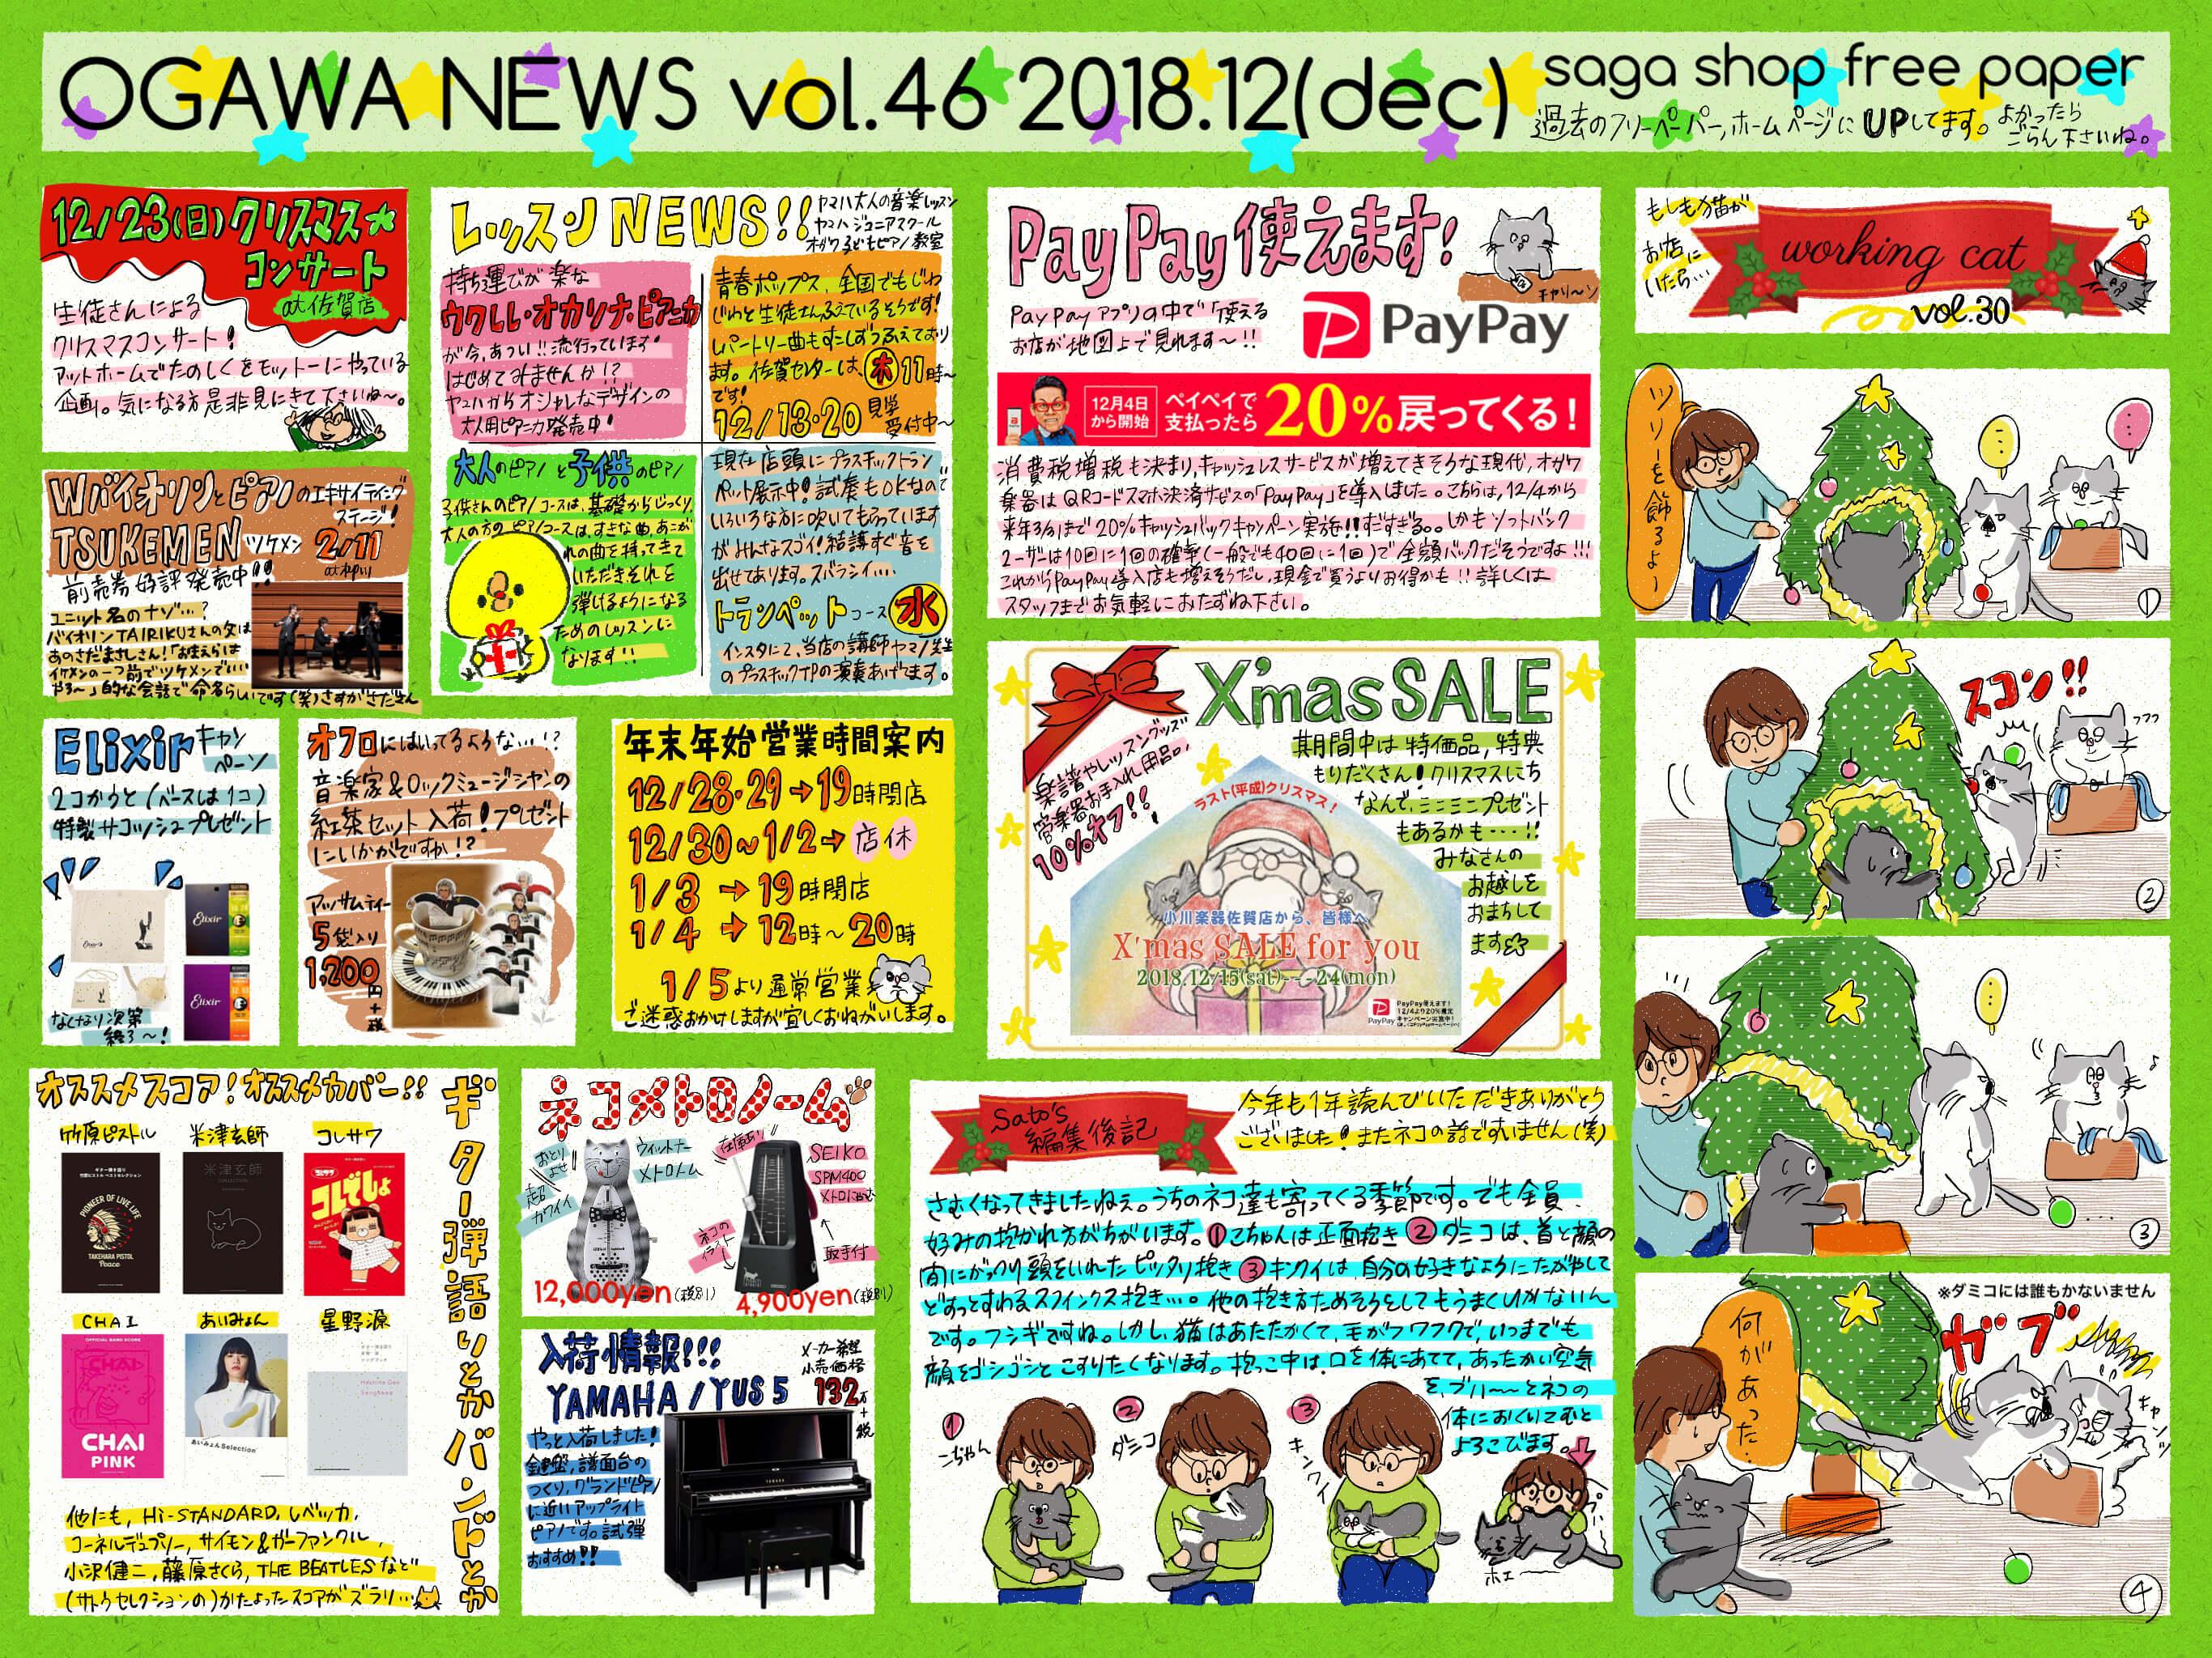 【佐賀店フリーペーパー】vol.47 2019年1月号